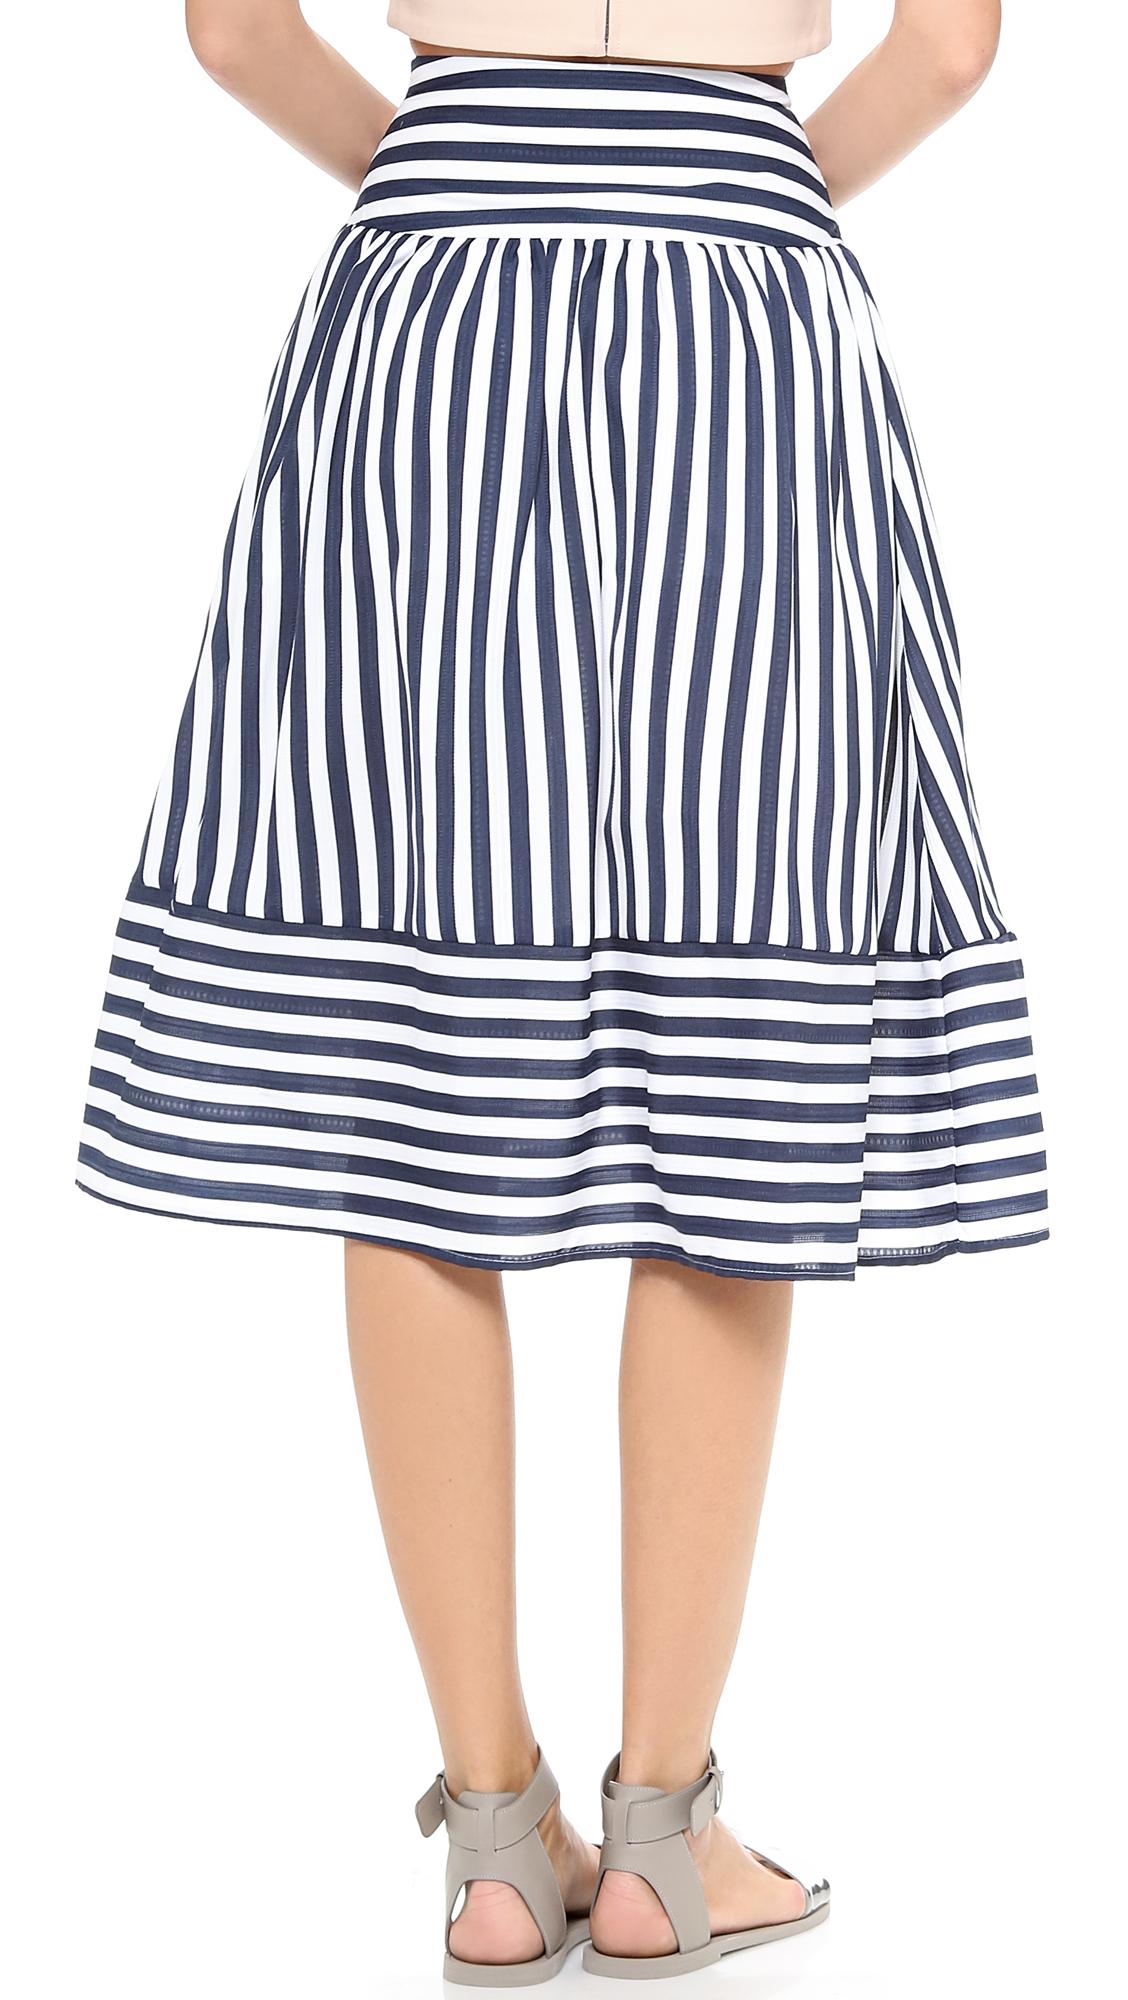 joa striped skirt navy stripe in blue navy stripe lyst